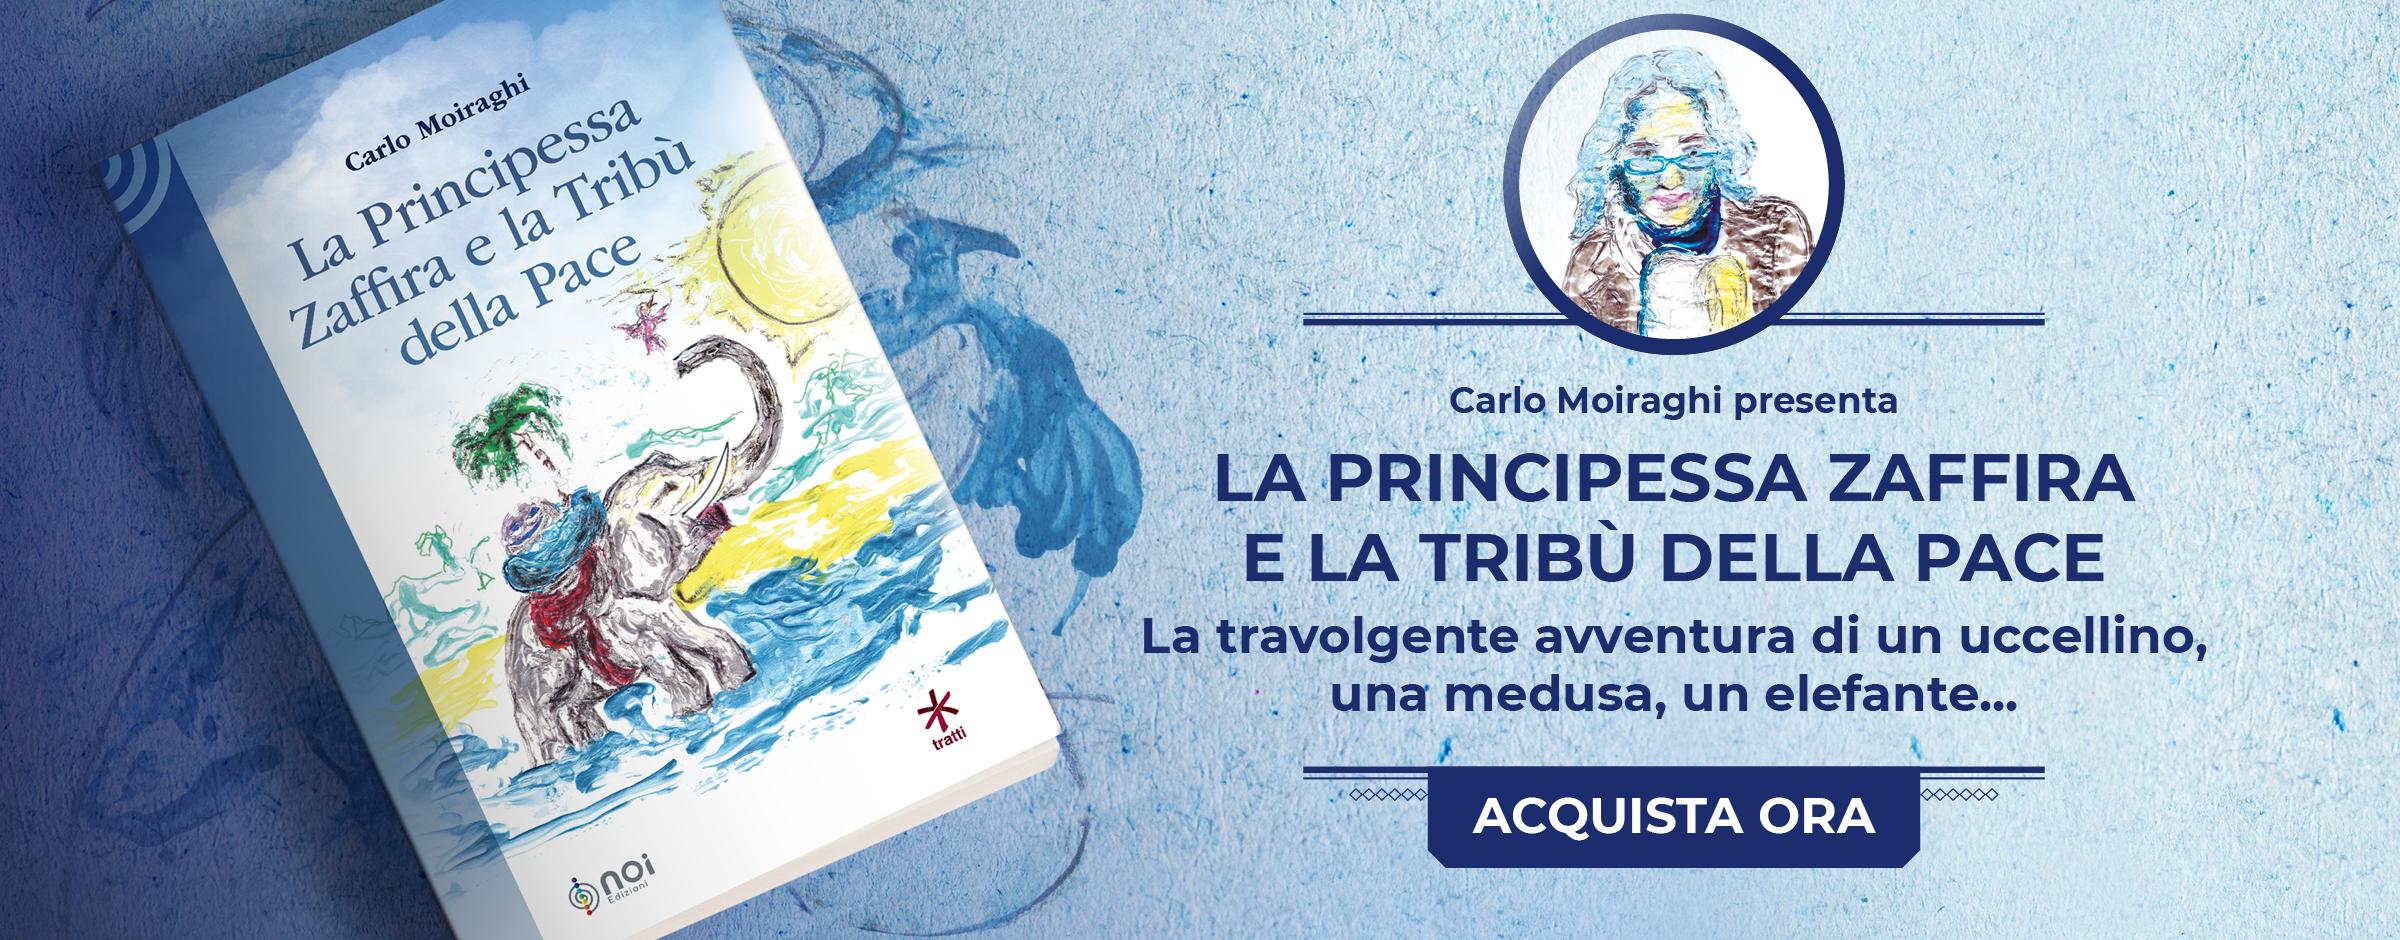 """immagine promozionale del libro """"La Principessa Zaffira e la Tribù della Pace"""""""